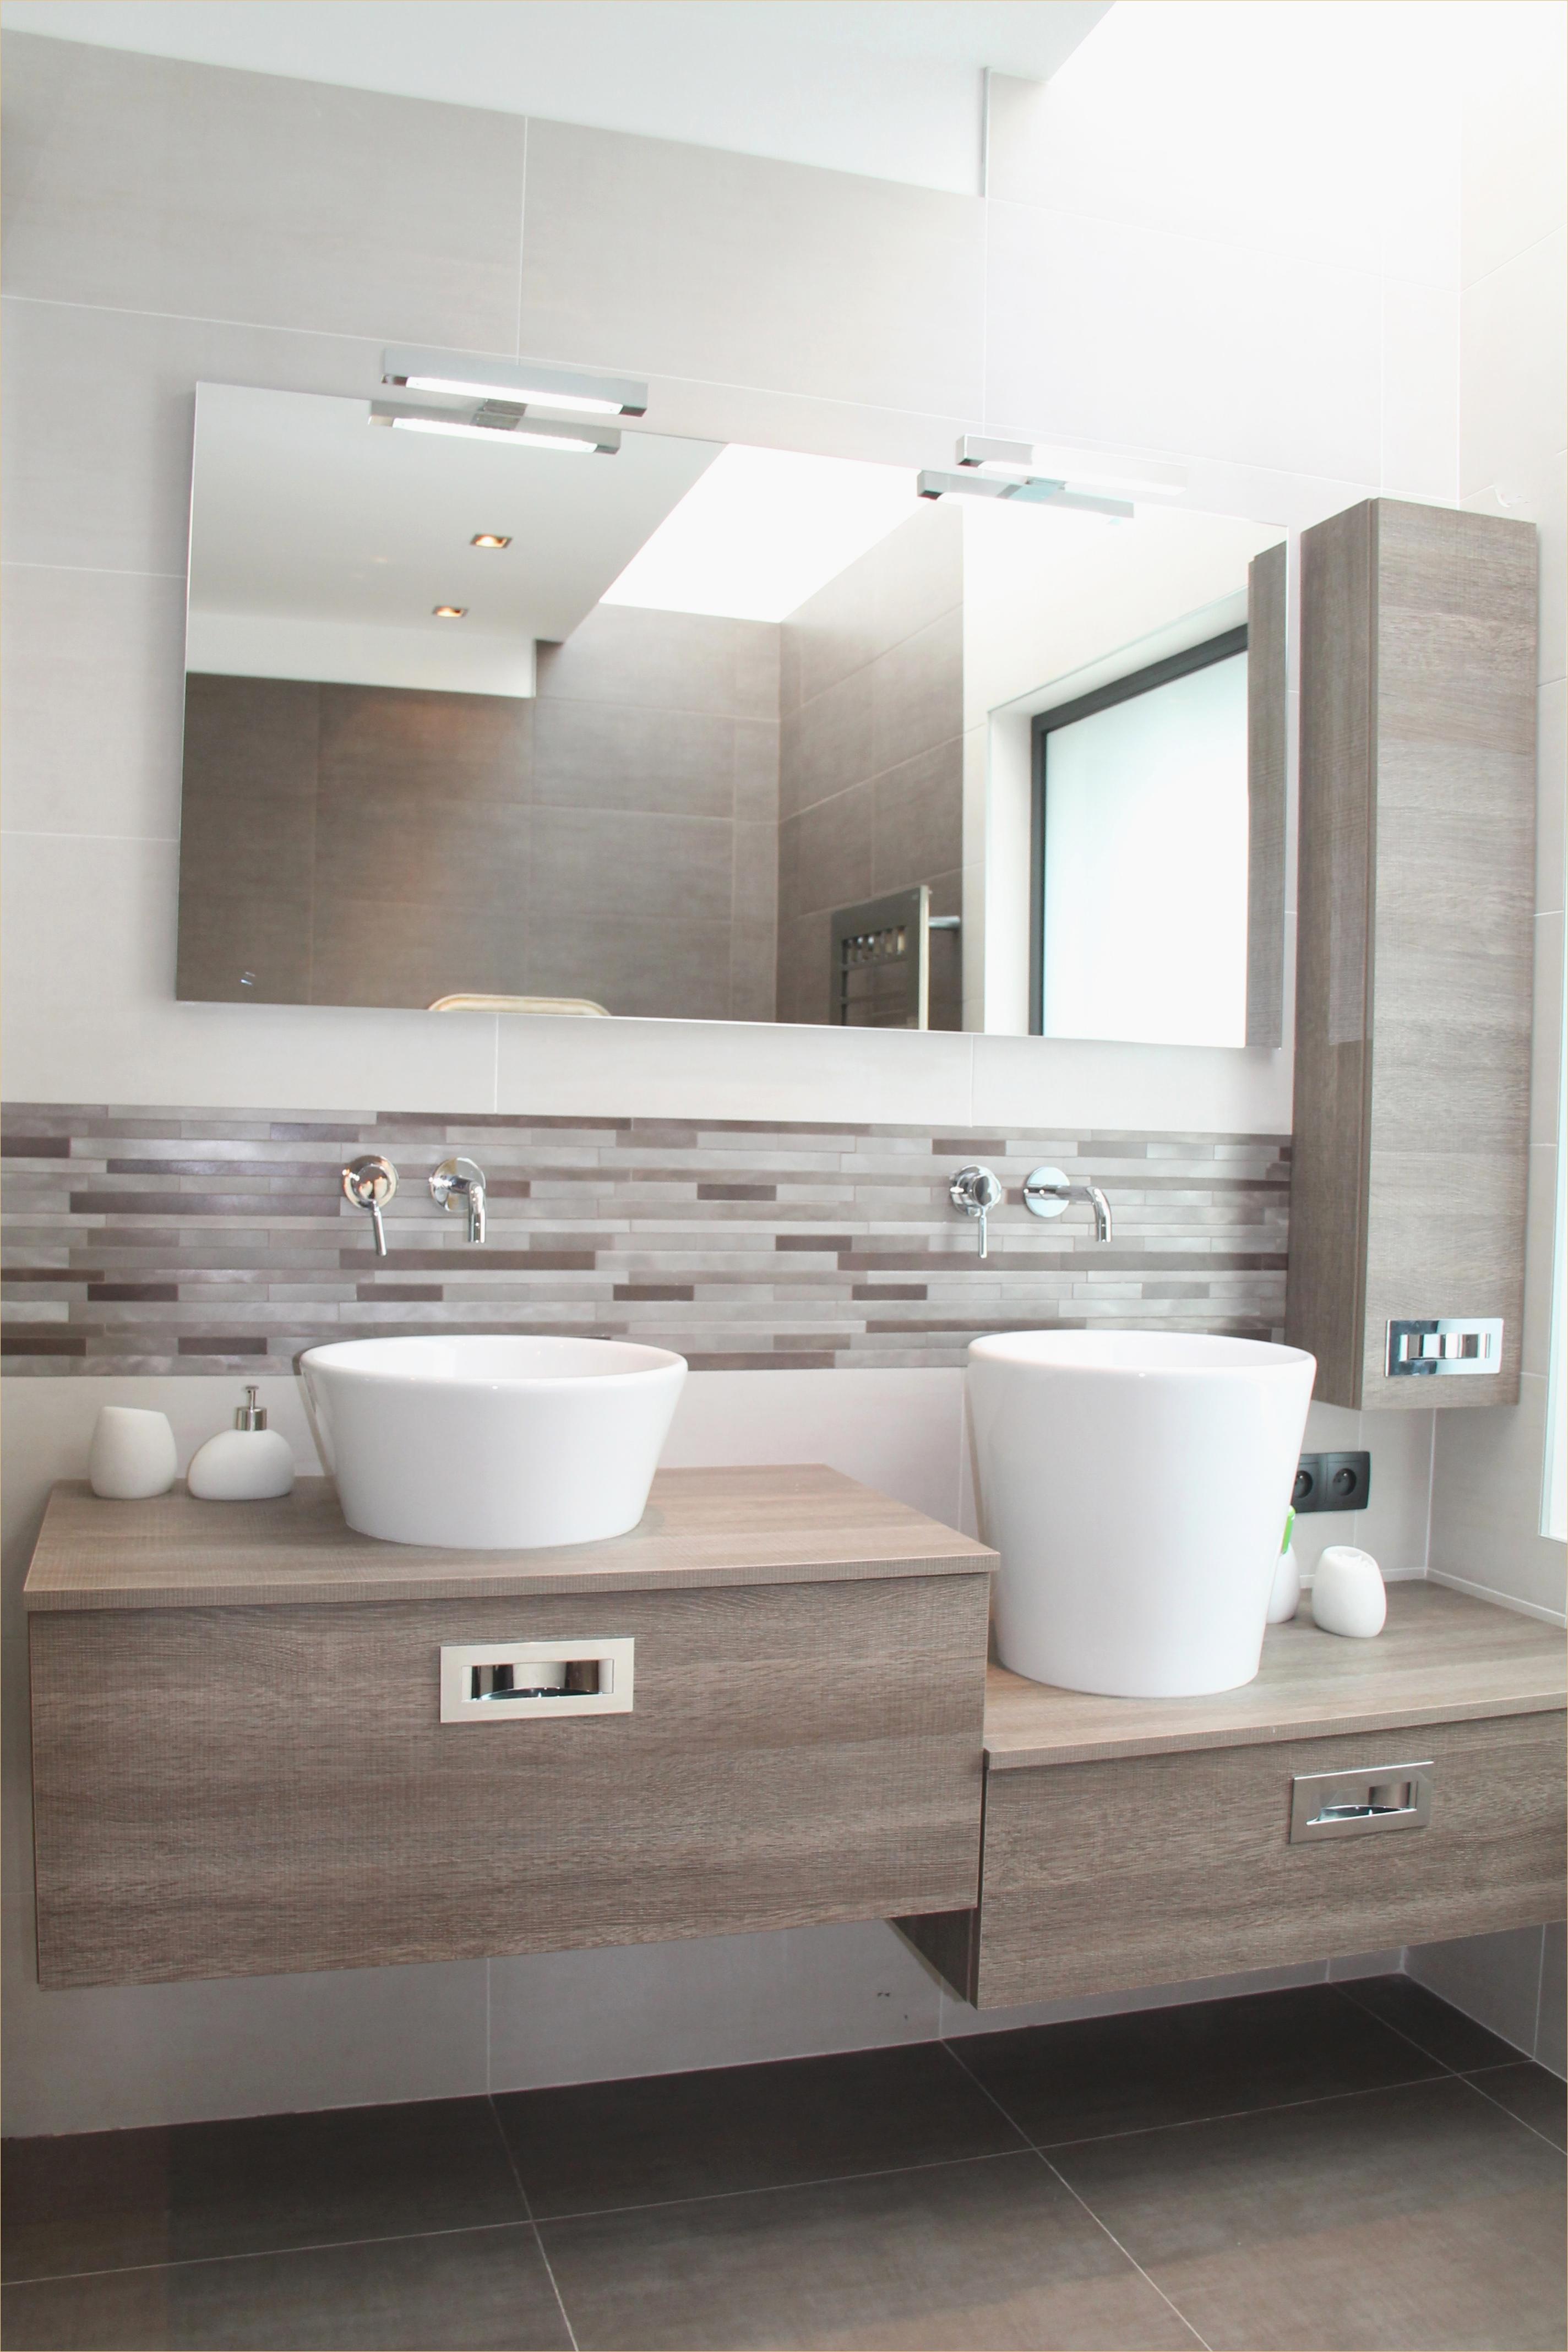 Vasque Colonne Sur Pied Impressionnant Images Meuble Lavabo Sur Pied Frais Résultat Supérieur 50 Incroyable Meuble